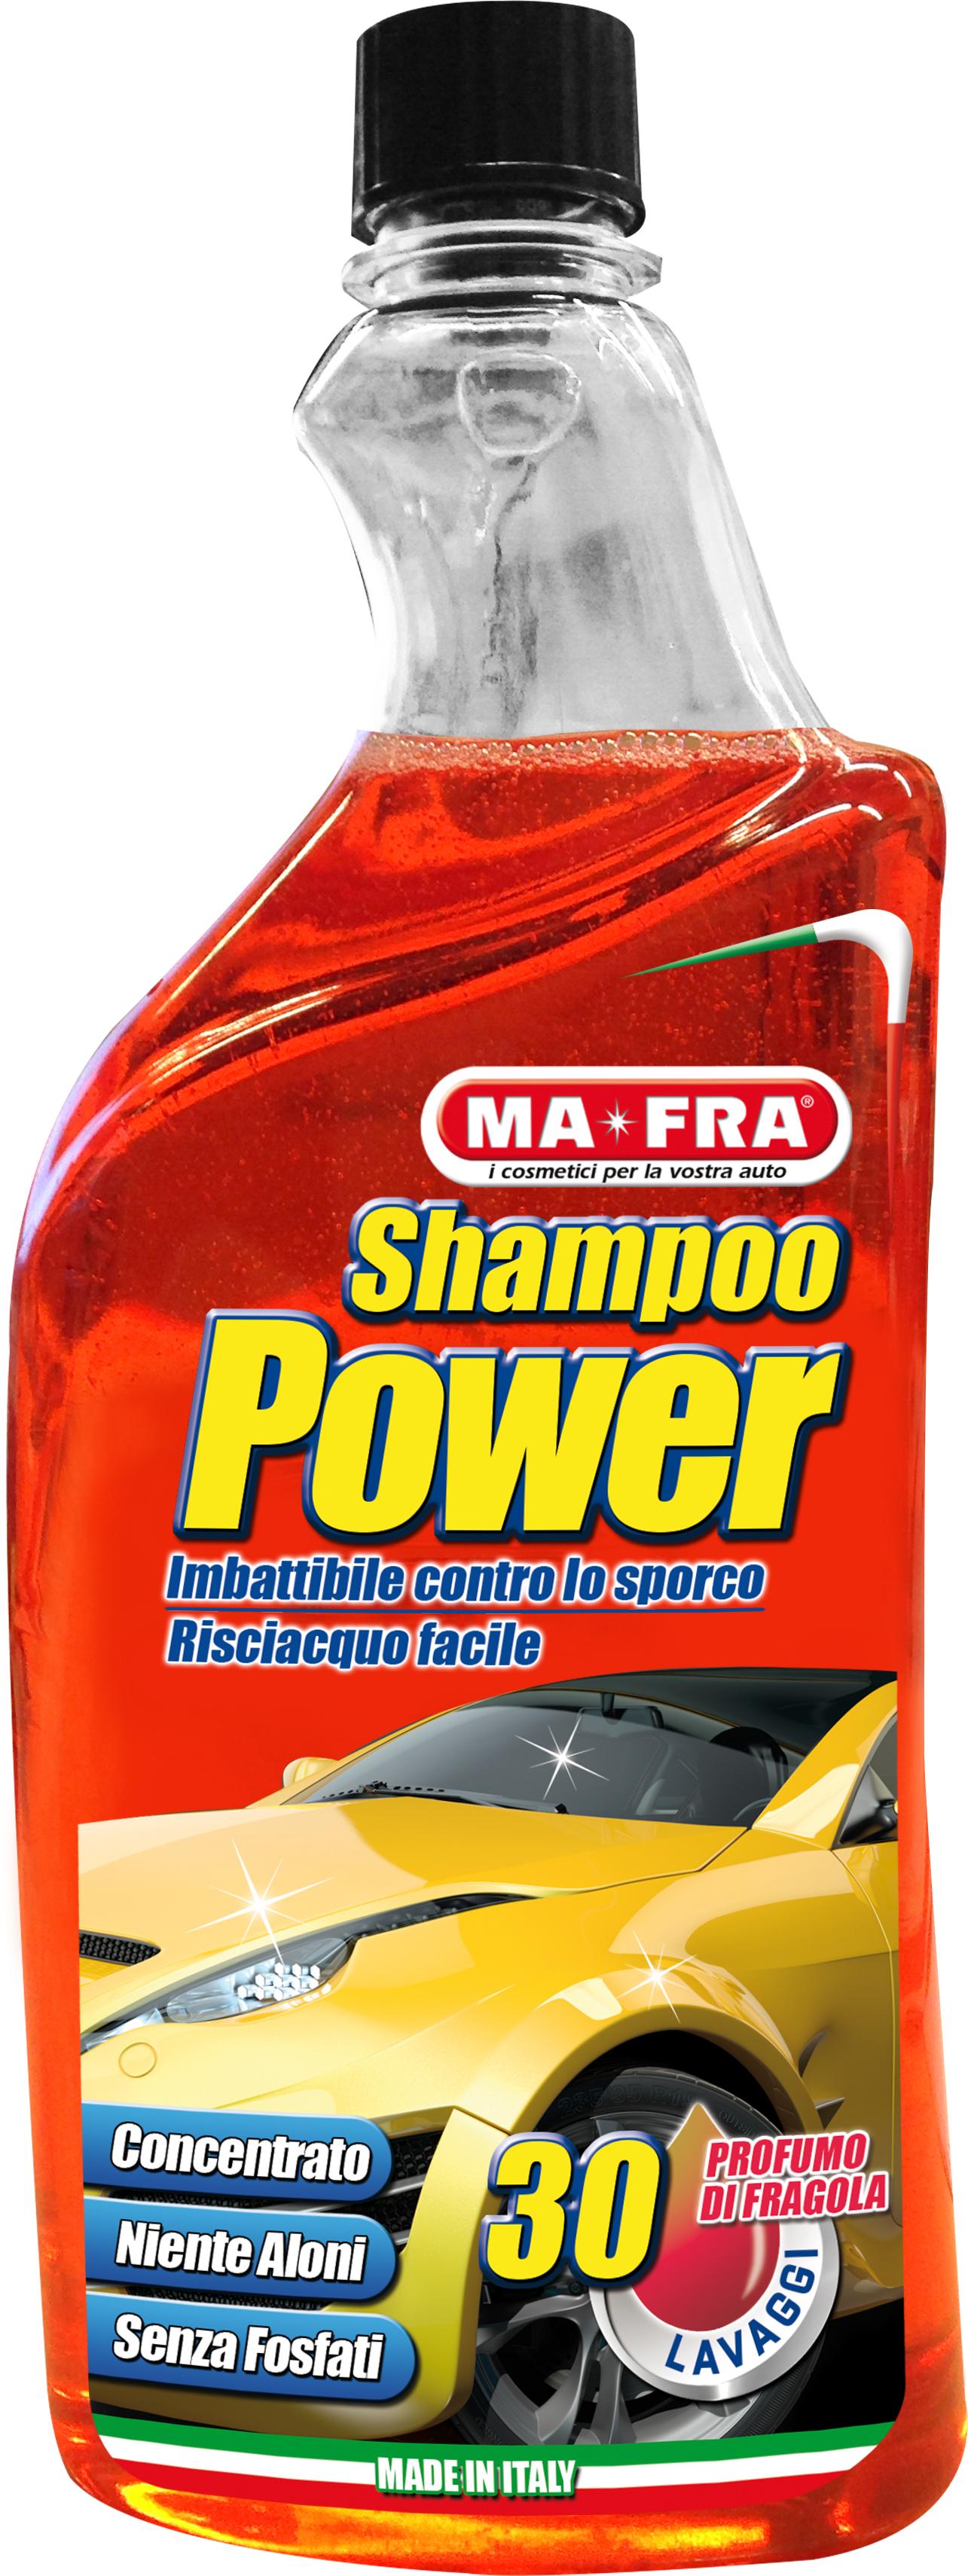 Shampoo Power 1000ml MA-FRA